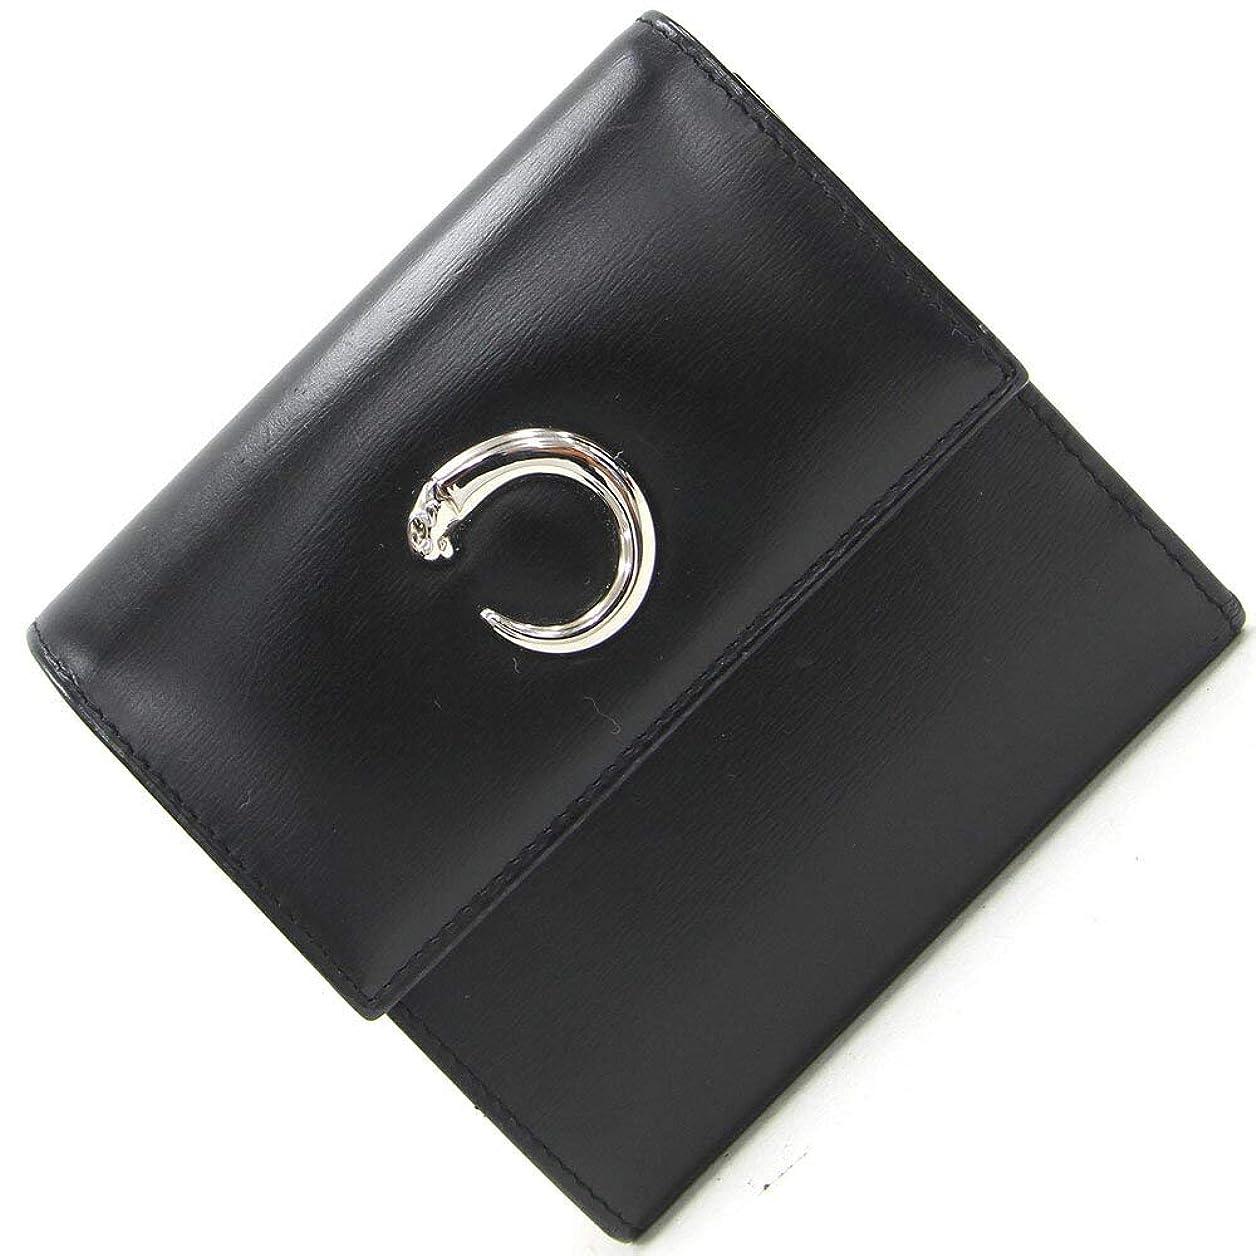 侵略グリル徒歩でCartier(カルティエ) 三つ折り財布 パンテール ブラック カーフレザー 中古 黒 ウォレット 豹 Cartier [並行輸入品]